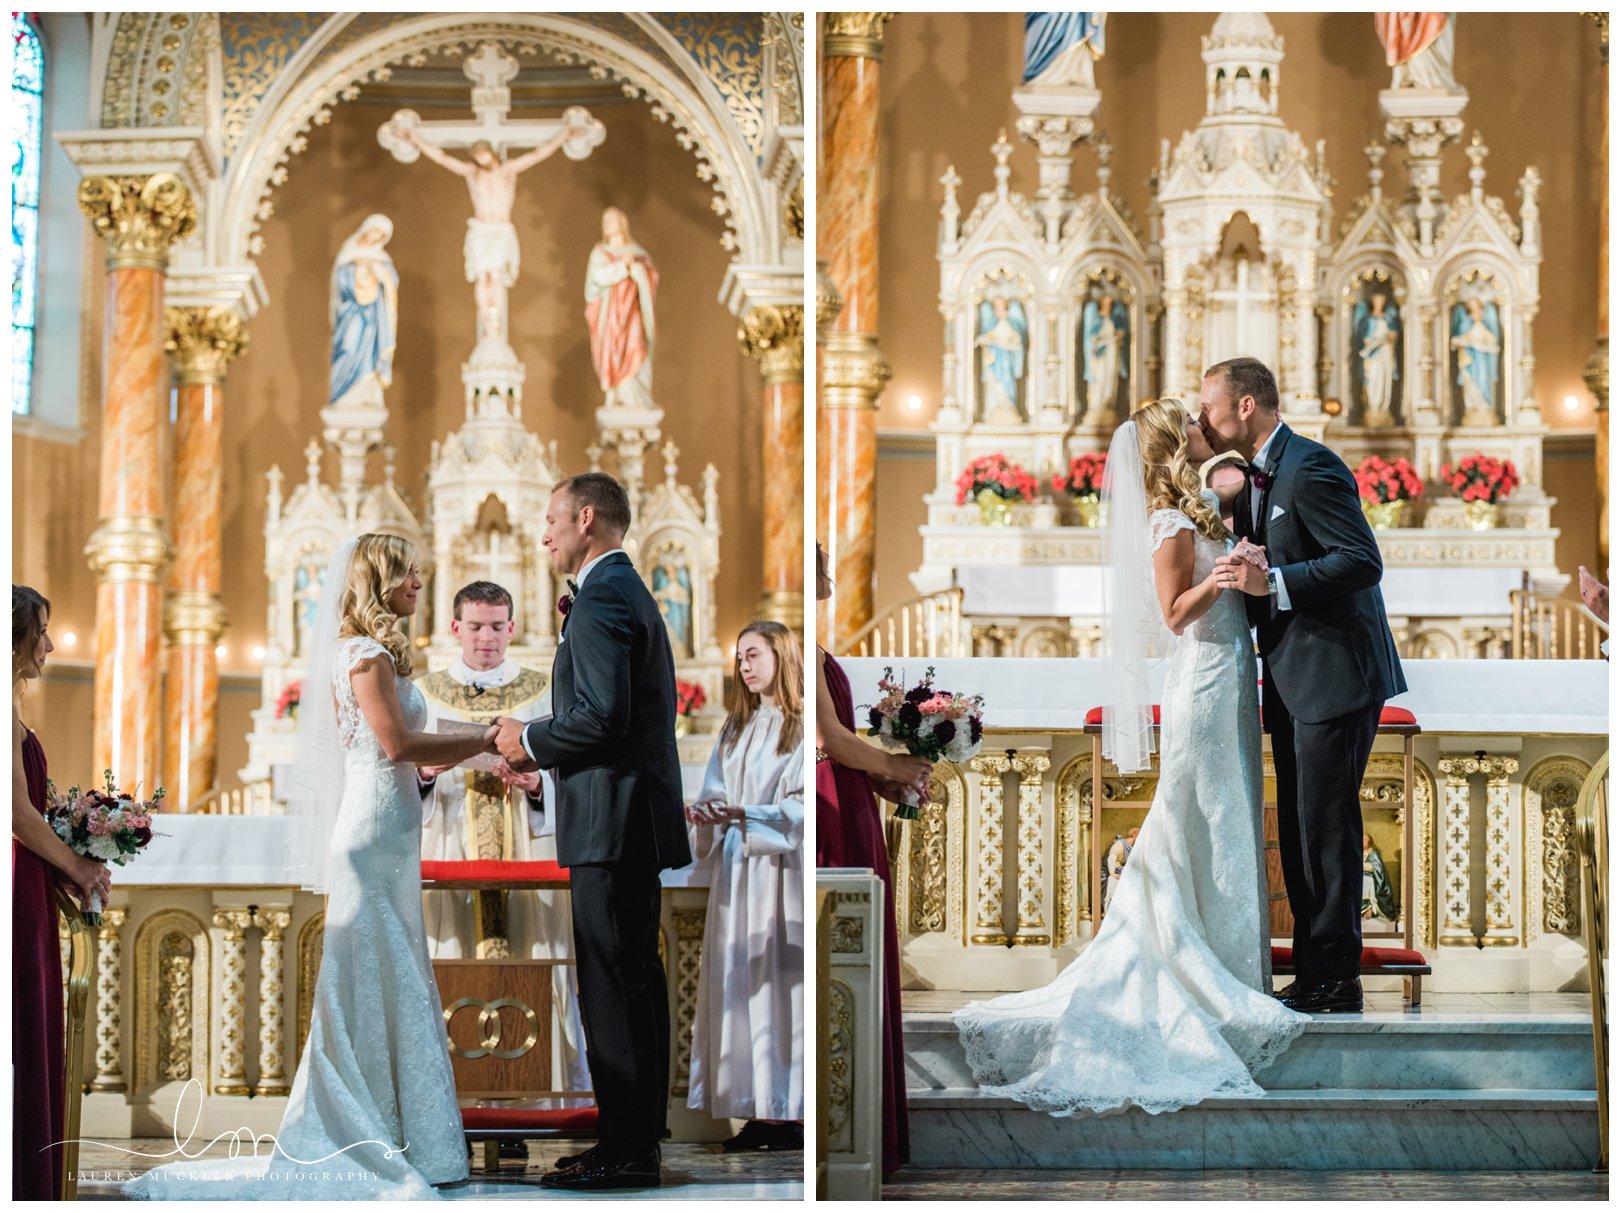 lauren muckler photography_fine art film wedding photography_st louis_photography_0811.jpg